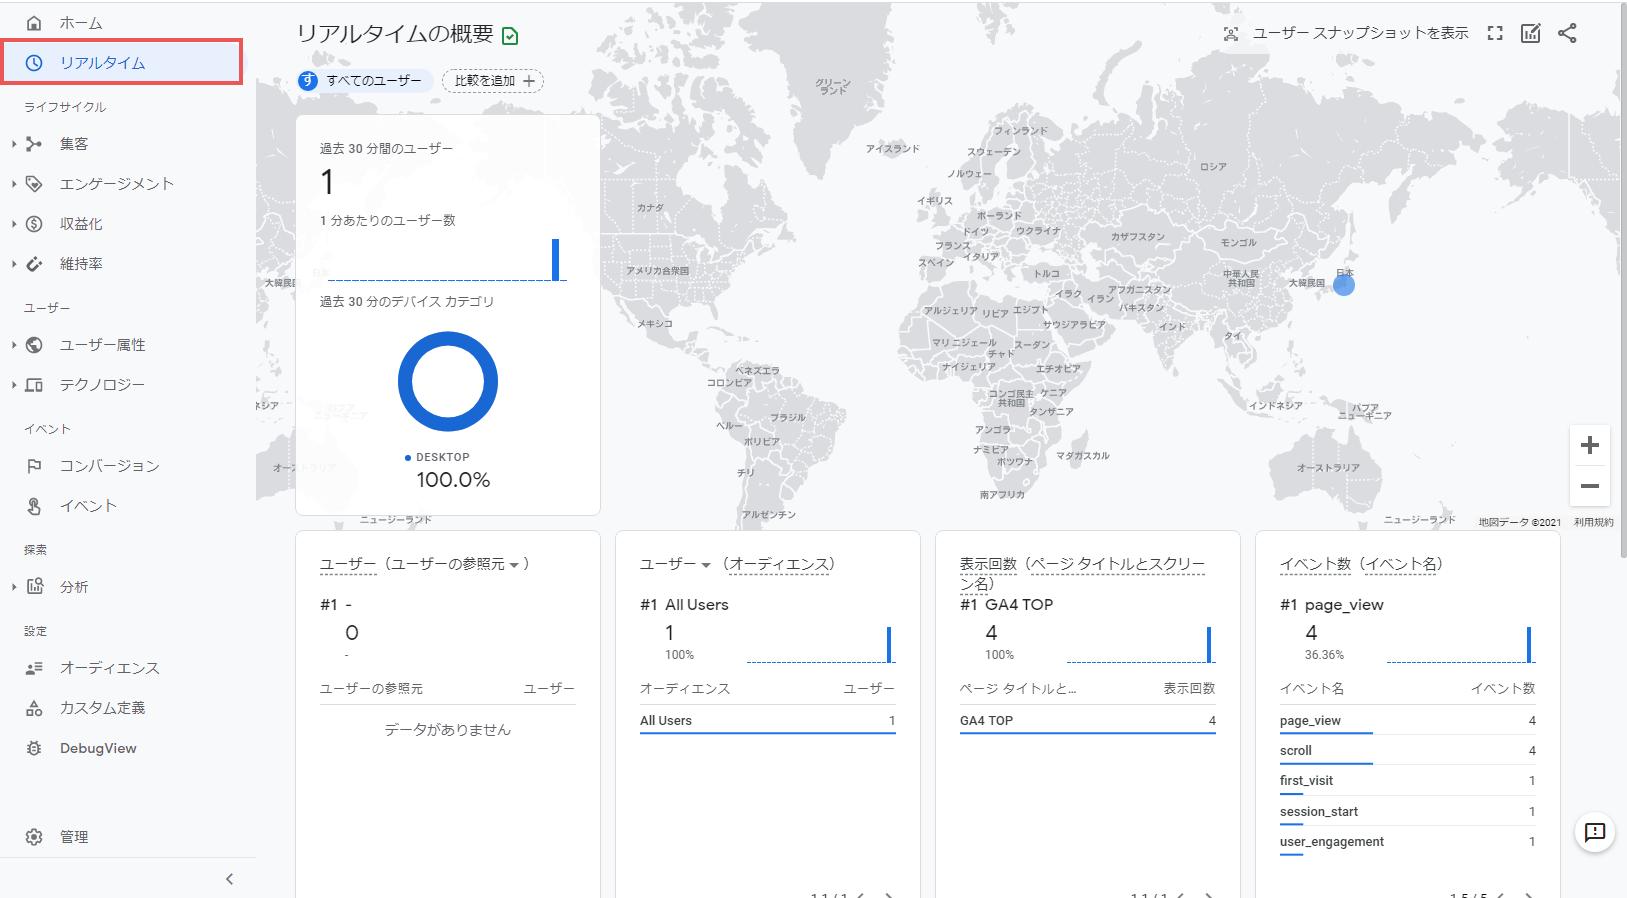 Googleアナリティクス4プロパティのリアルタイムレポート